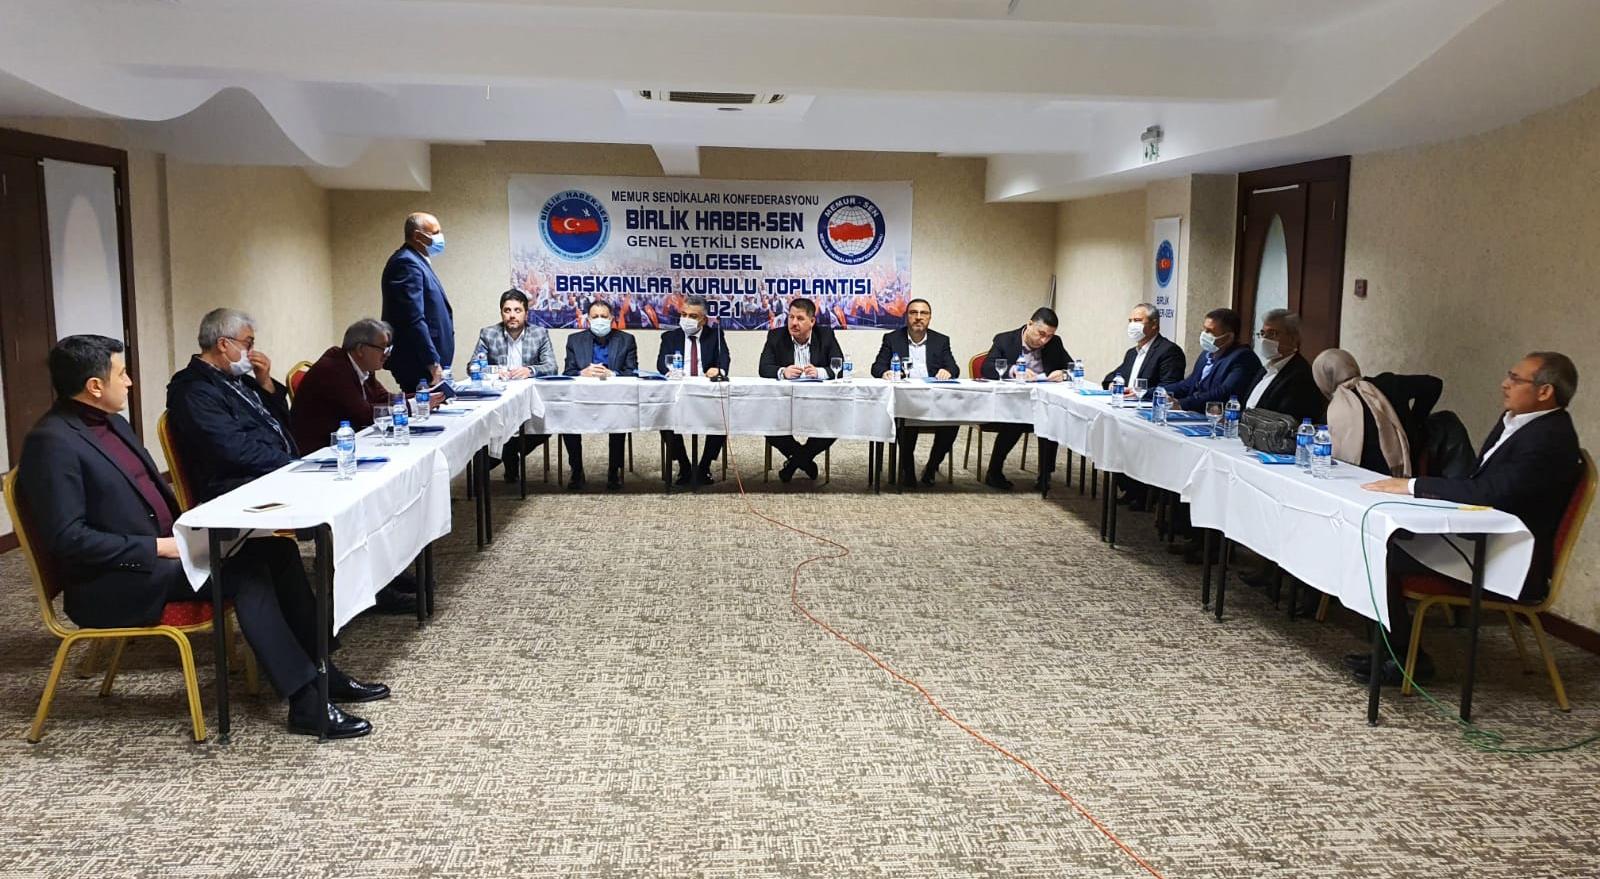 Bölgesel Başkanları Kurulu Toplantıları Hatay'da Gerçekleştirildi